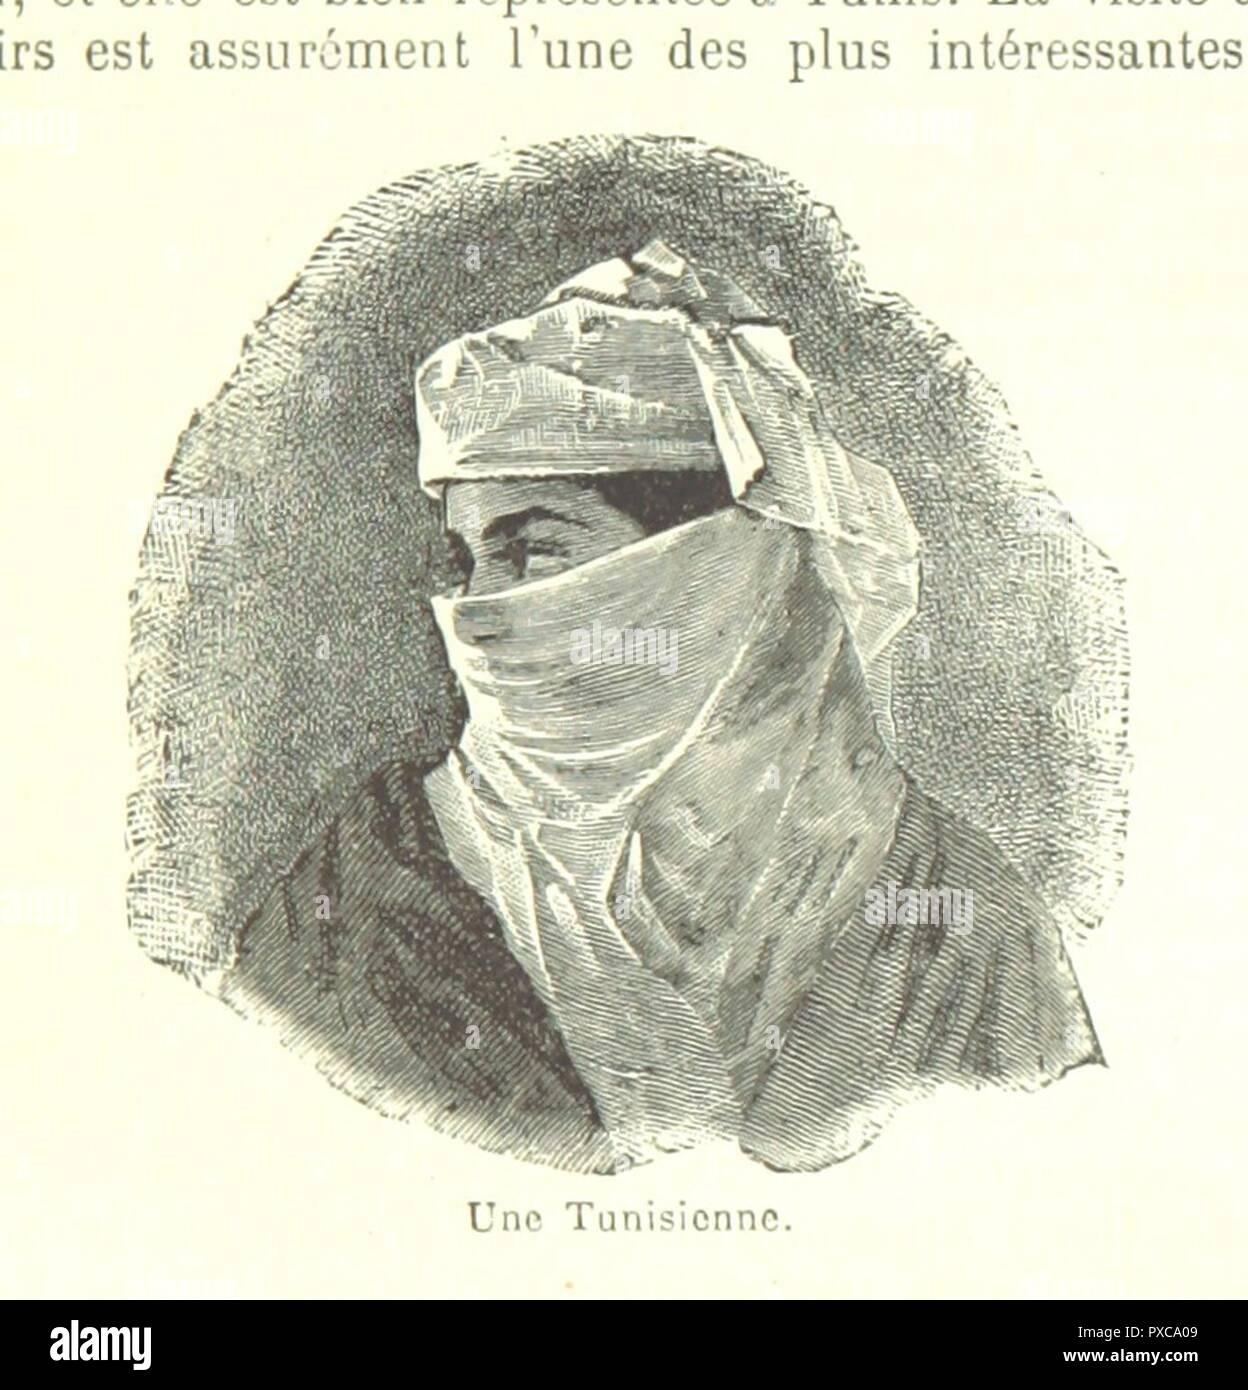 page 321 of 'L'Afrique . Dixième édition . corrigée' . - Stock Image